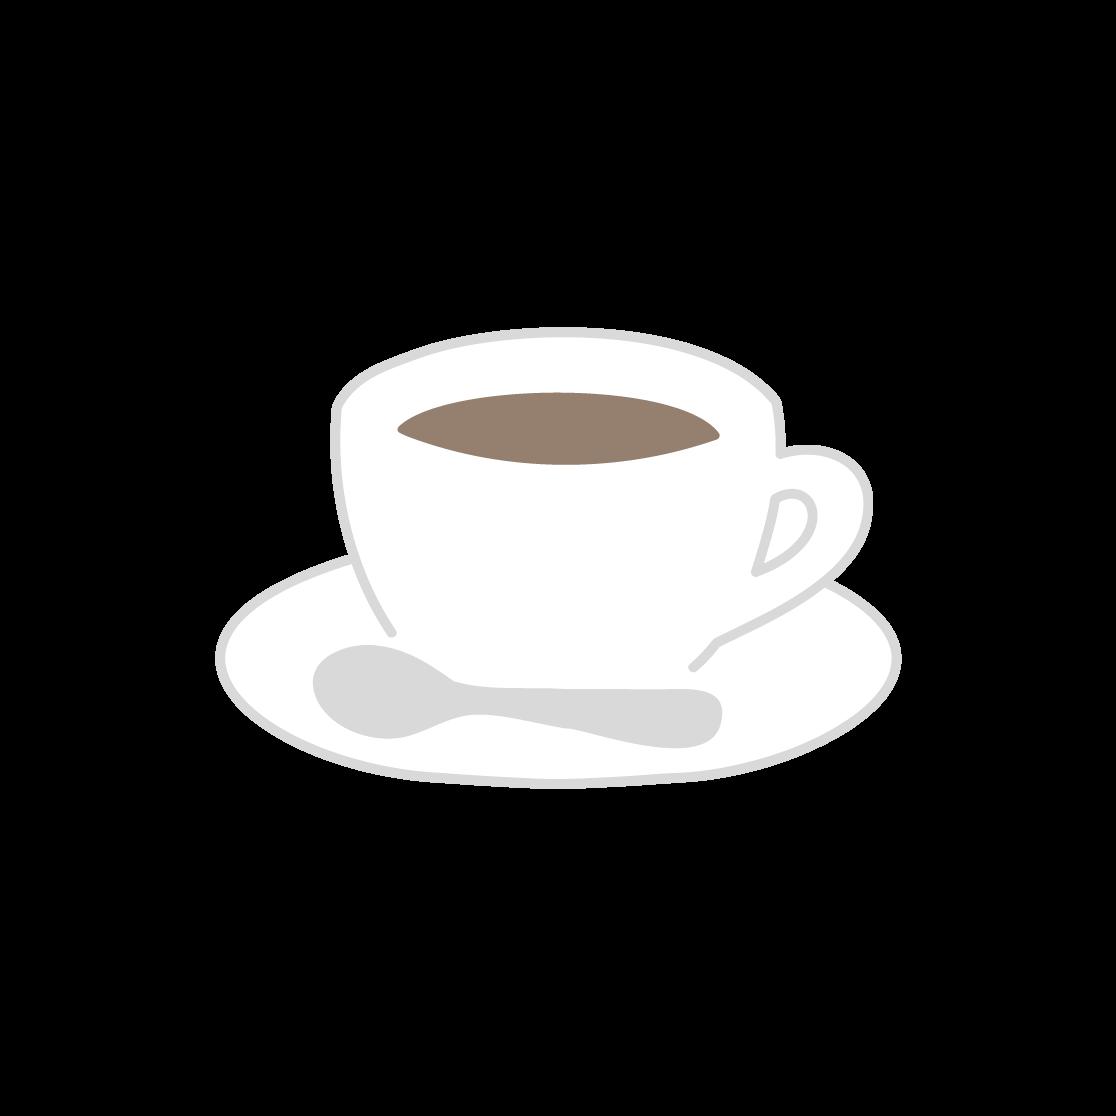 コーヒーの塗りイラスト